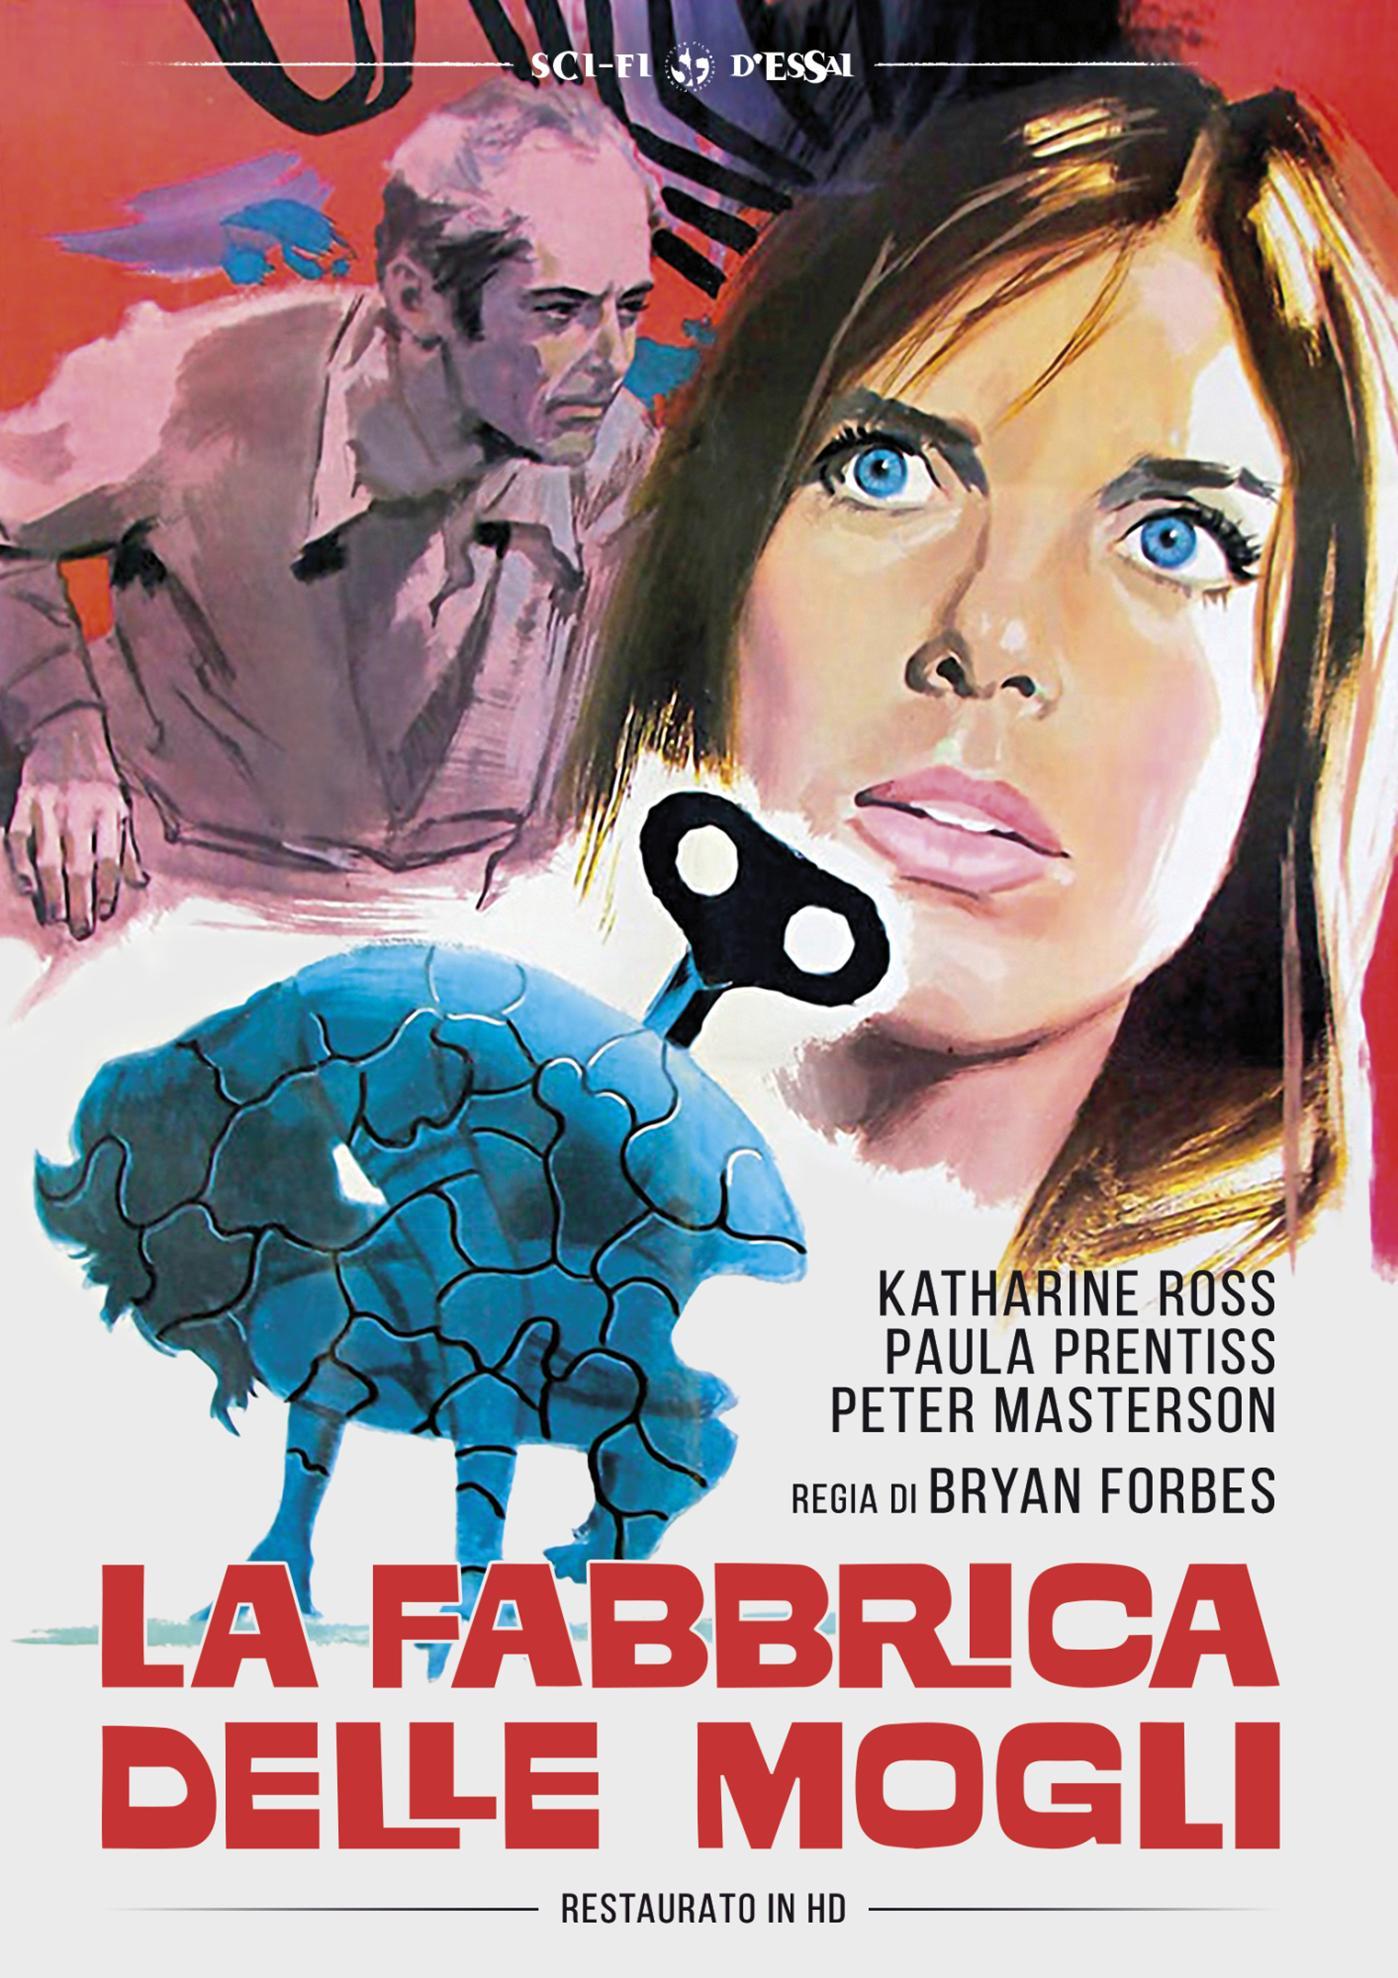 LA FABBRICA DELLE MOGLI (RESTAURATO IN HD) (DVD)